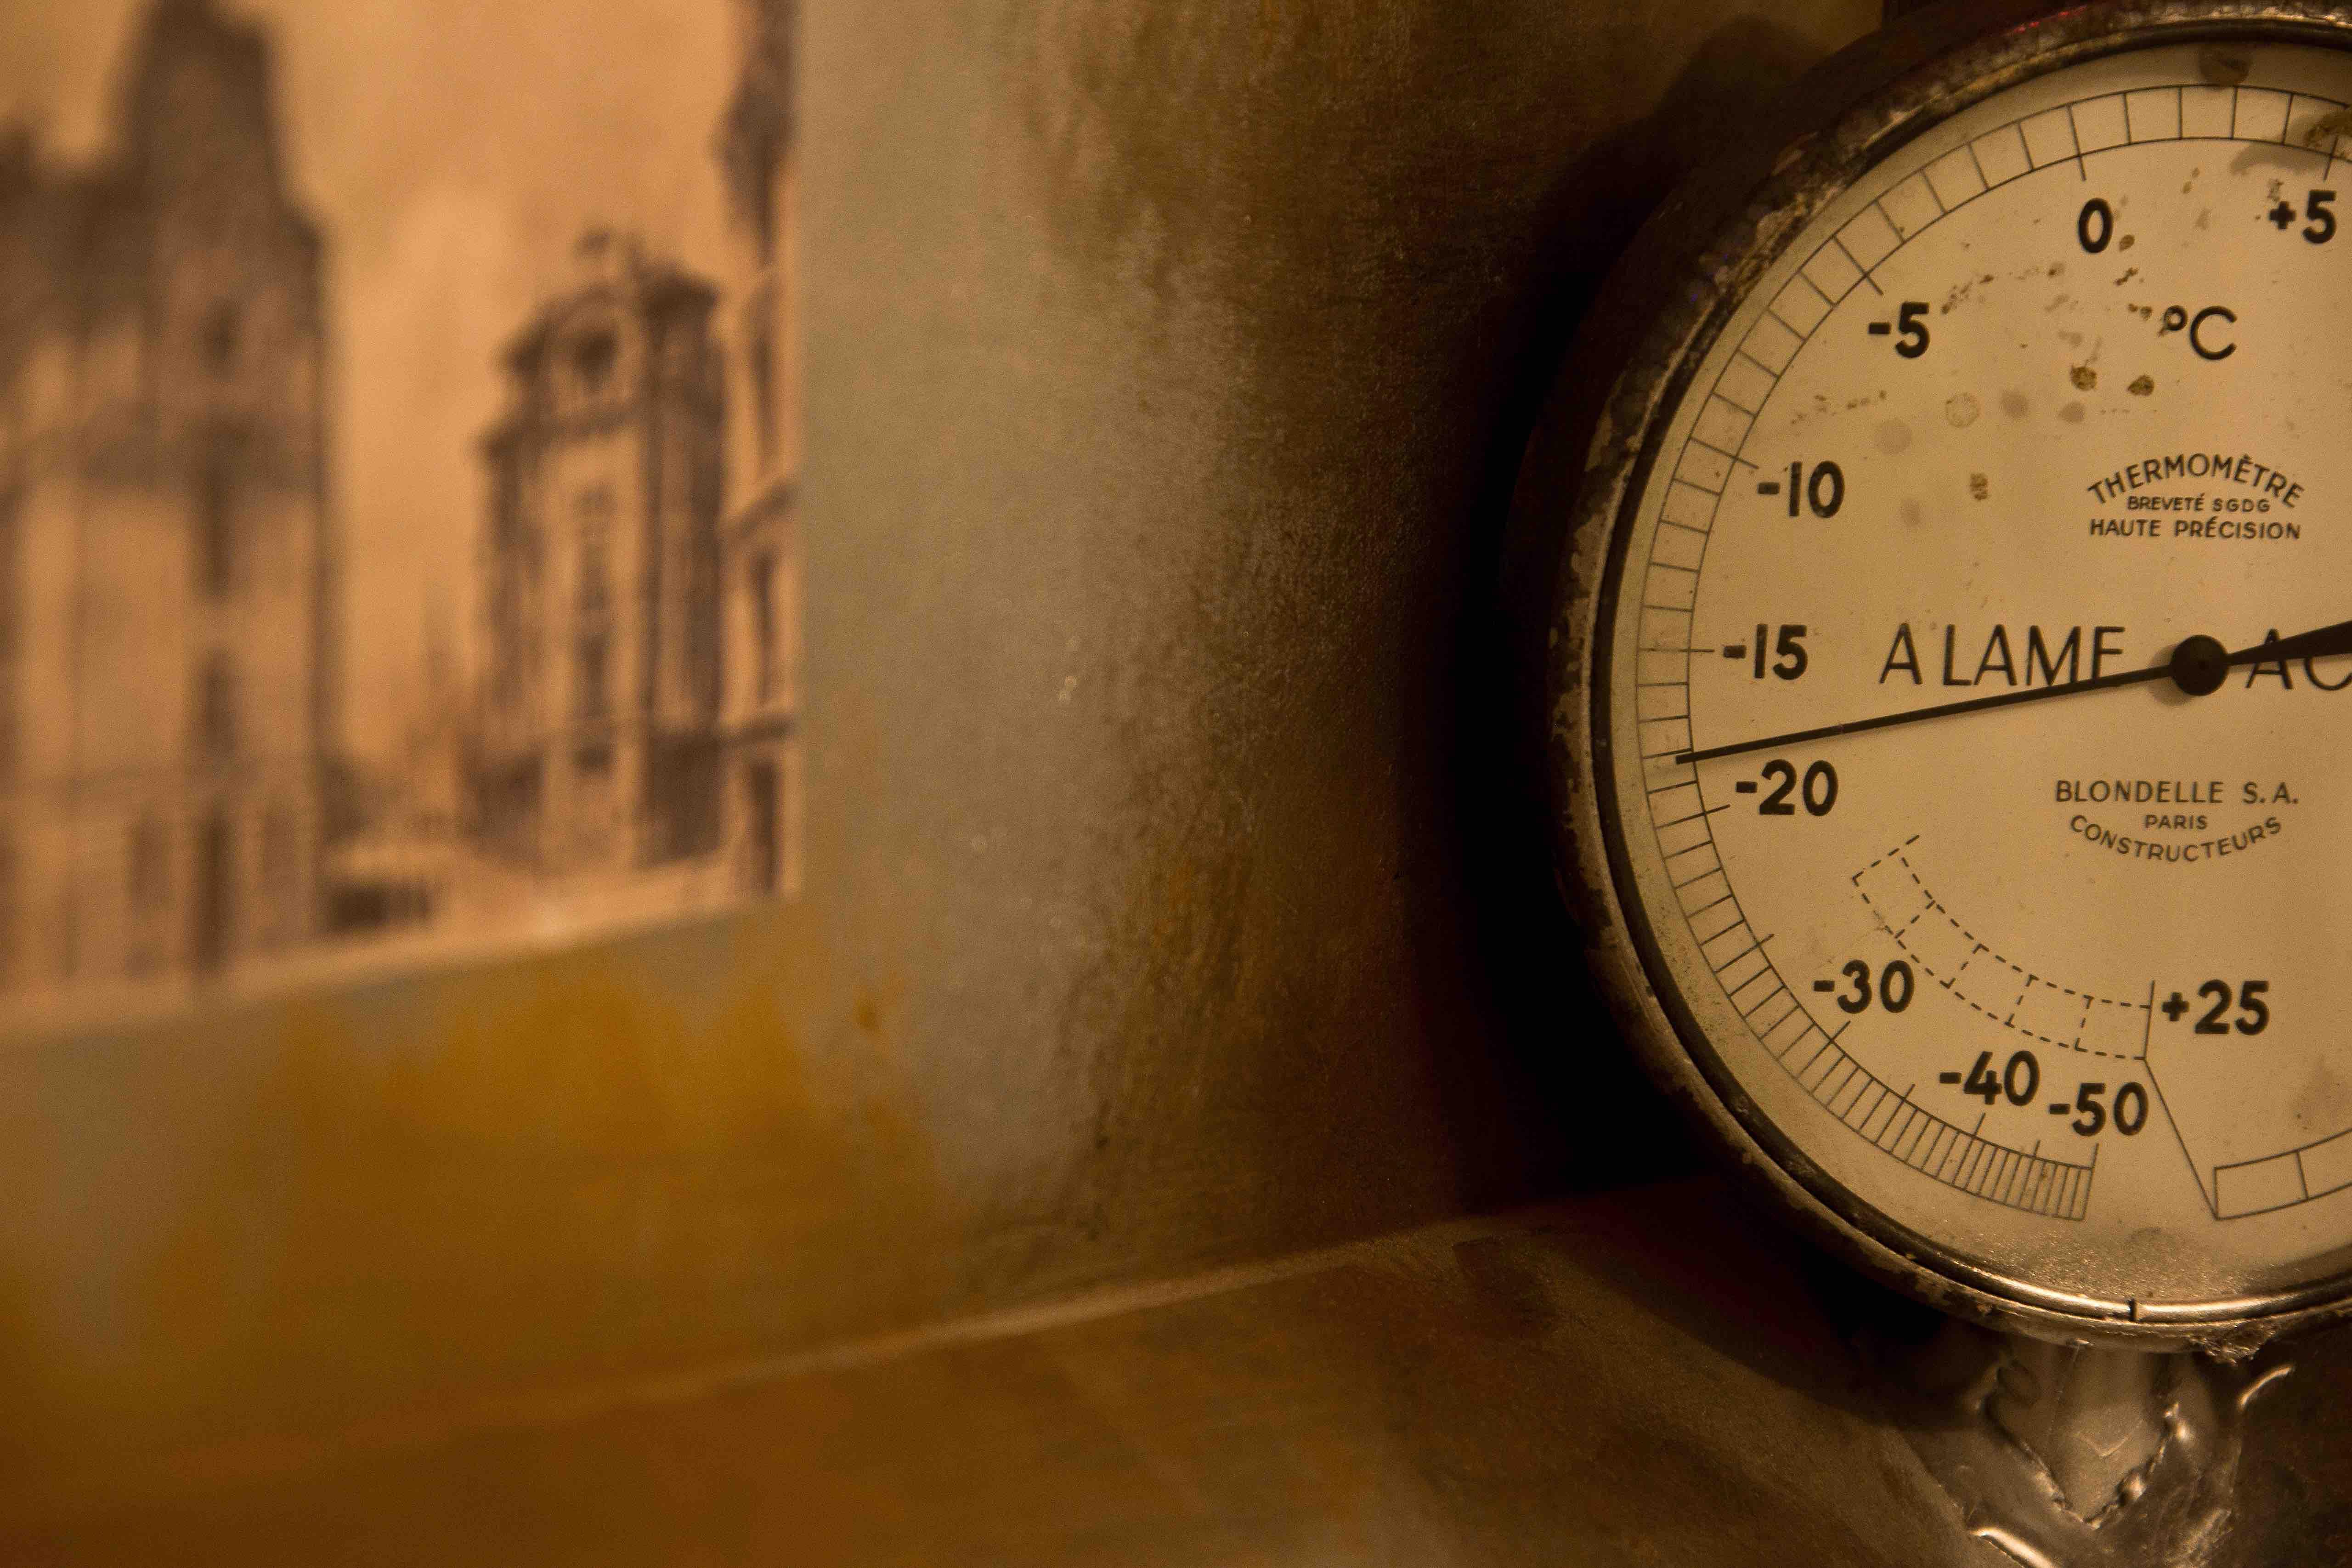 Thermomètre de la salle Monuments Men - Escape game Le défi des ducs à Dijon